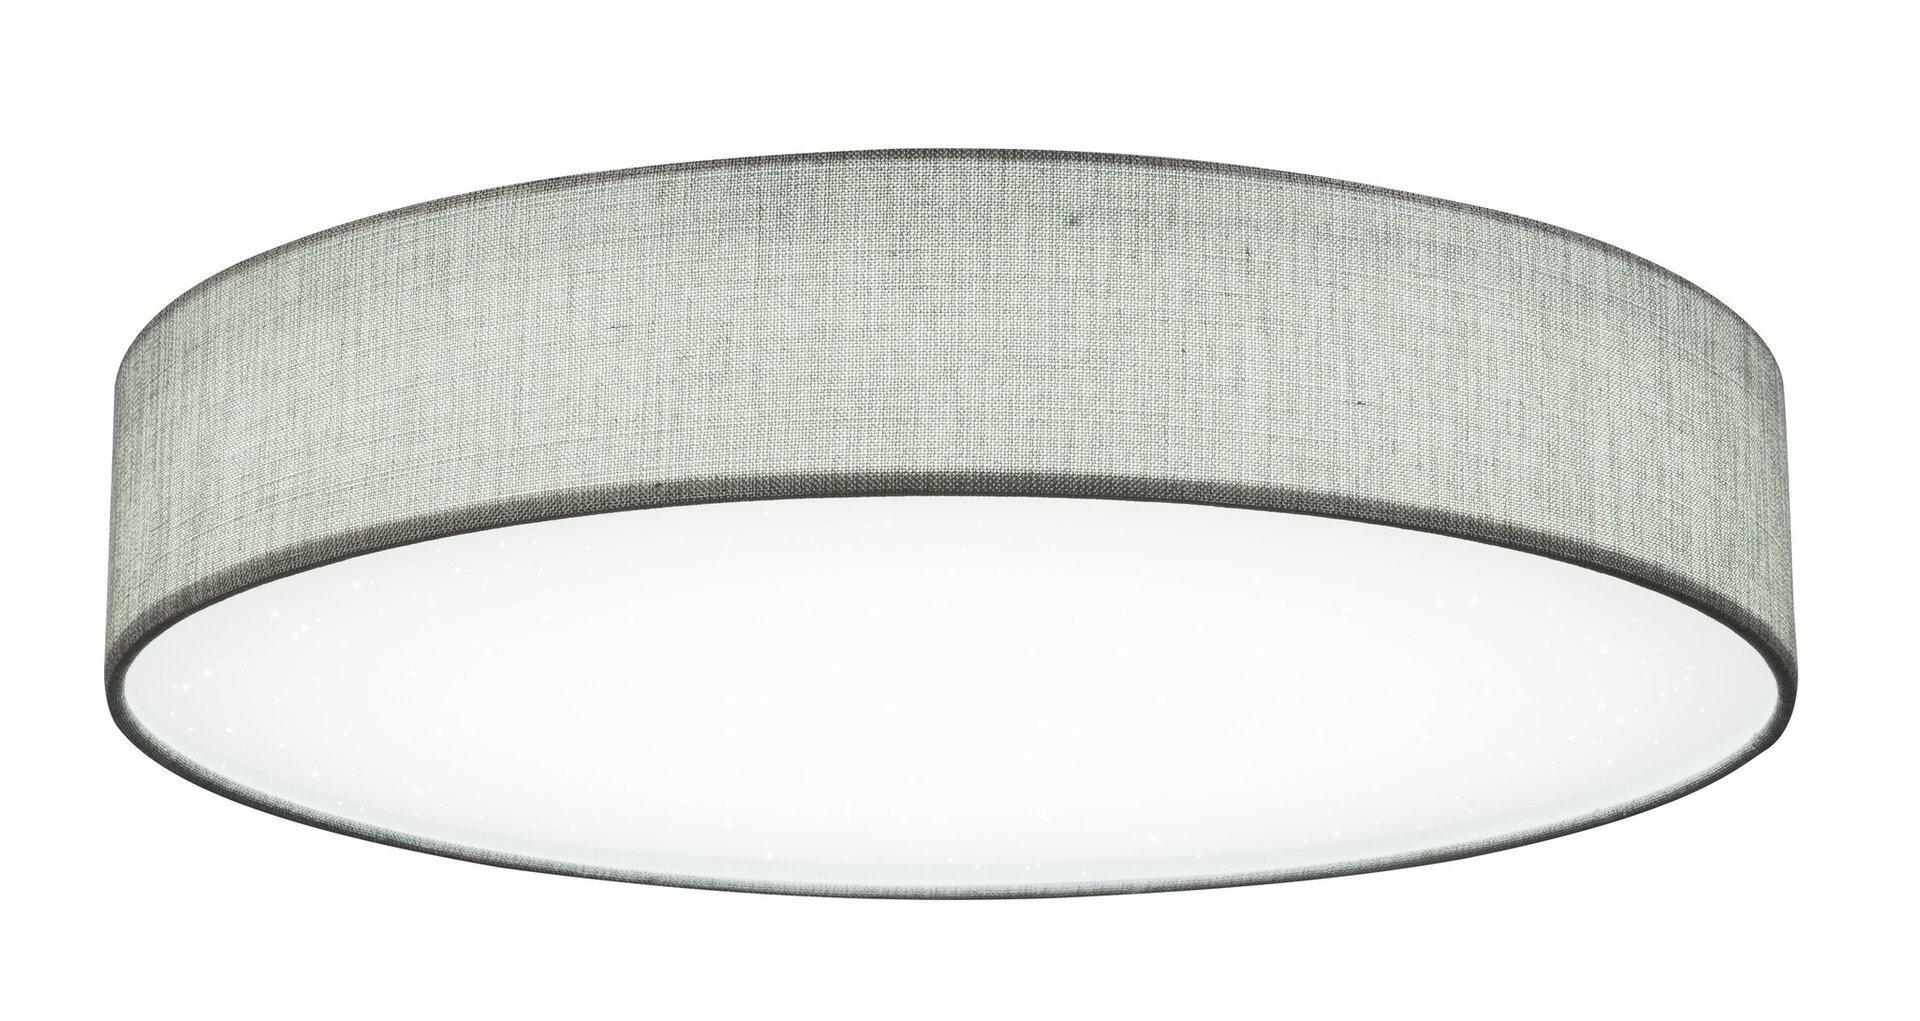 Deckenleuchte PACO Globo Metall grau 80 x 14 x 80 cm